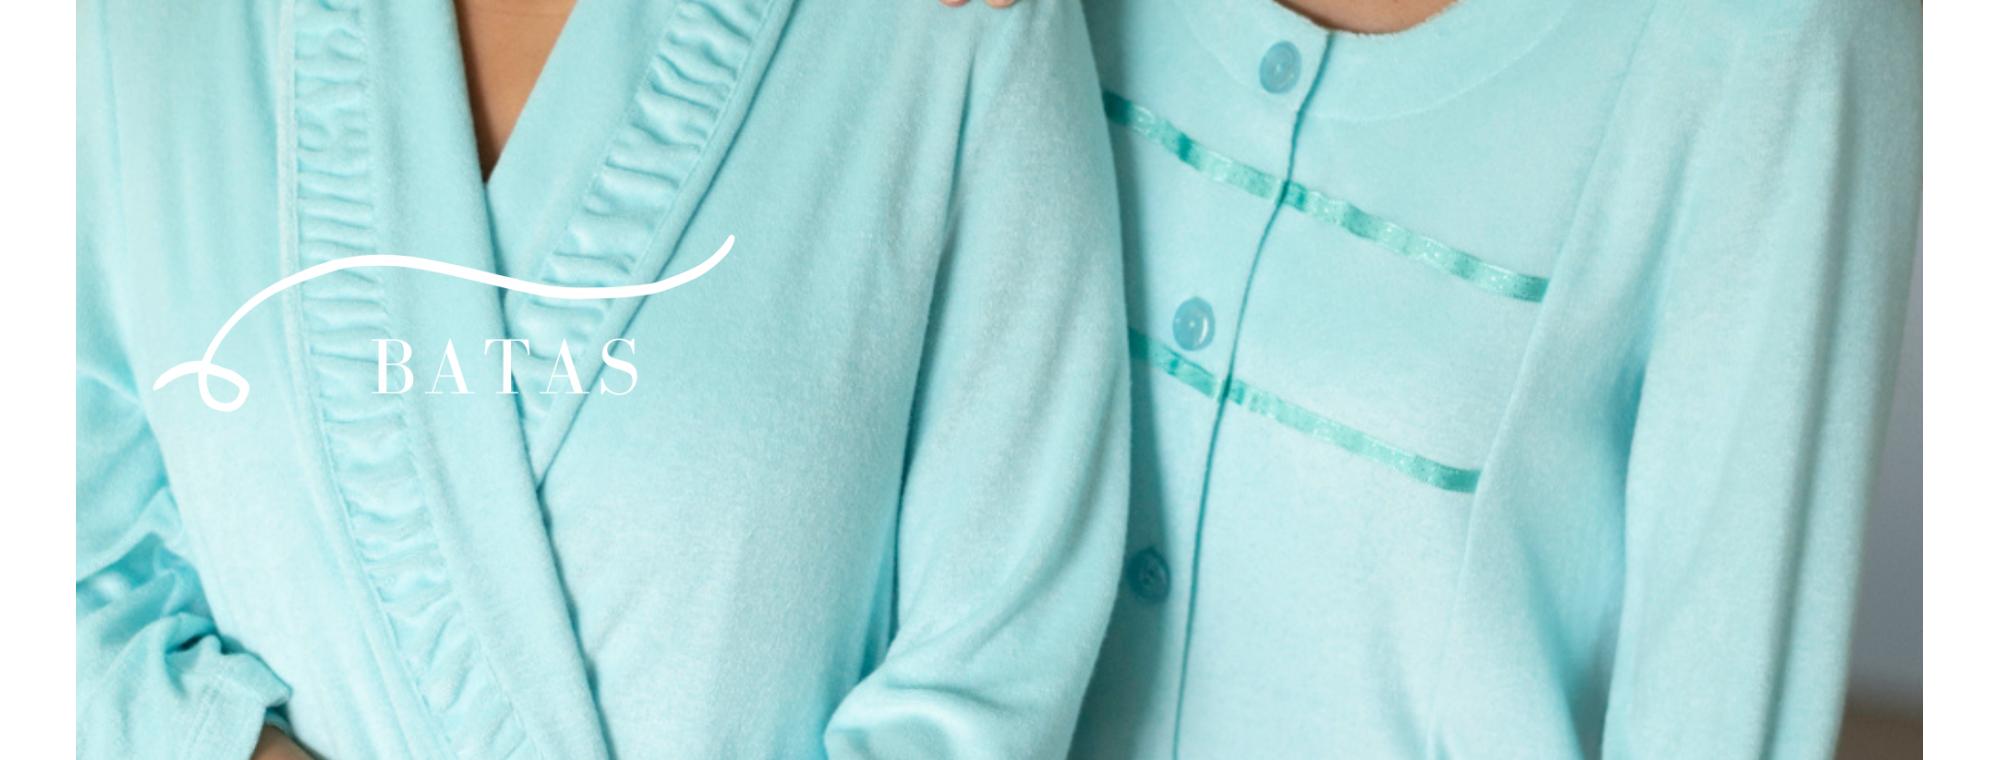 Robes pour femmes | Egatex ( Egatex )